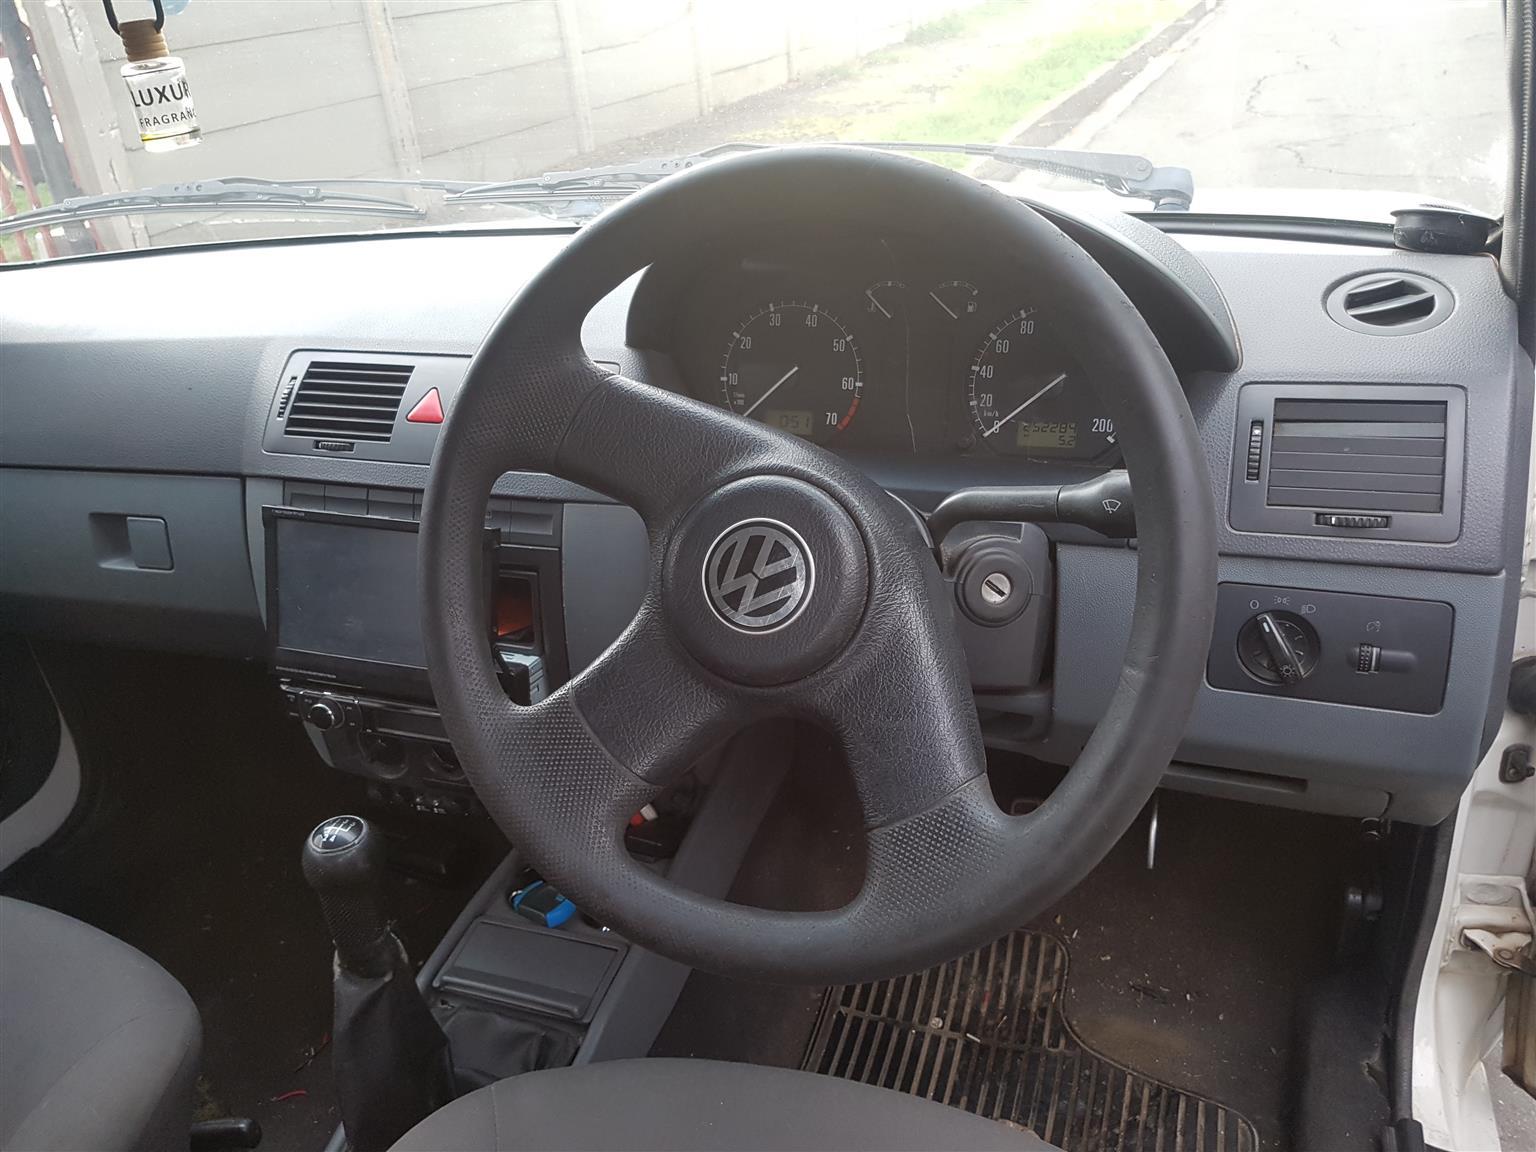 2008 VW Citi CITI CHICO 1.4